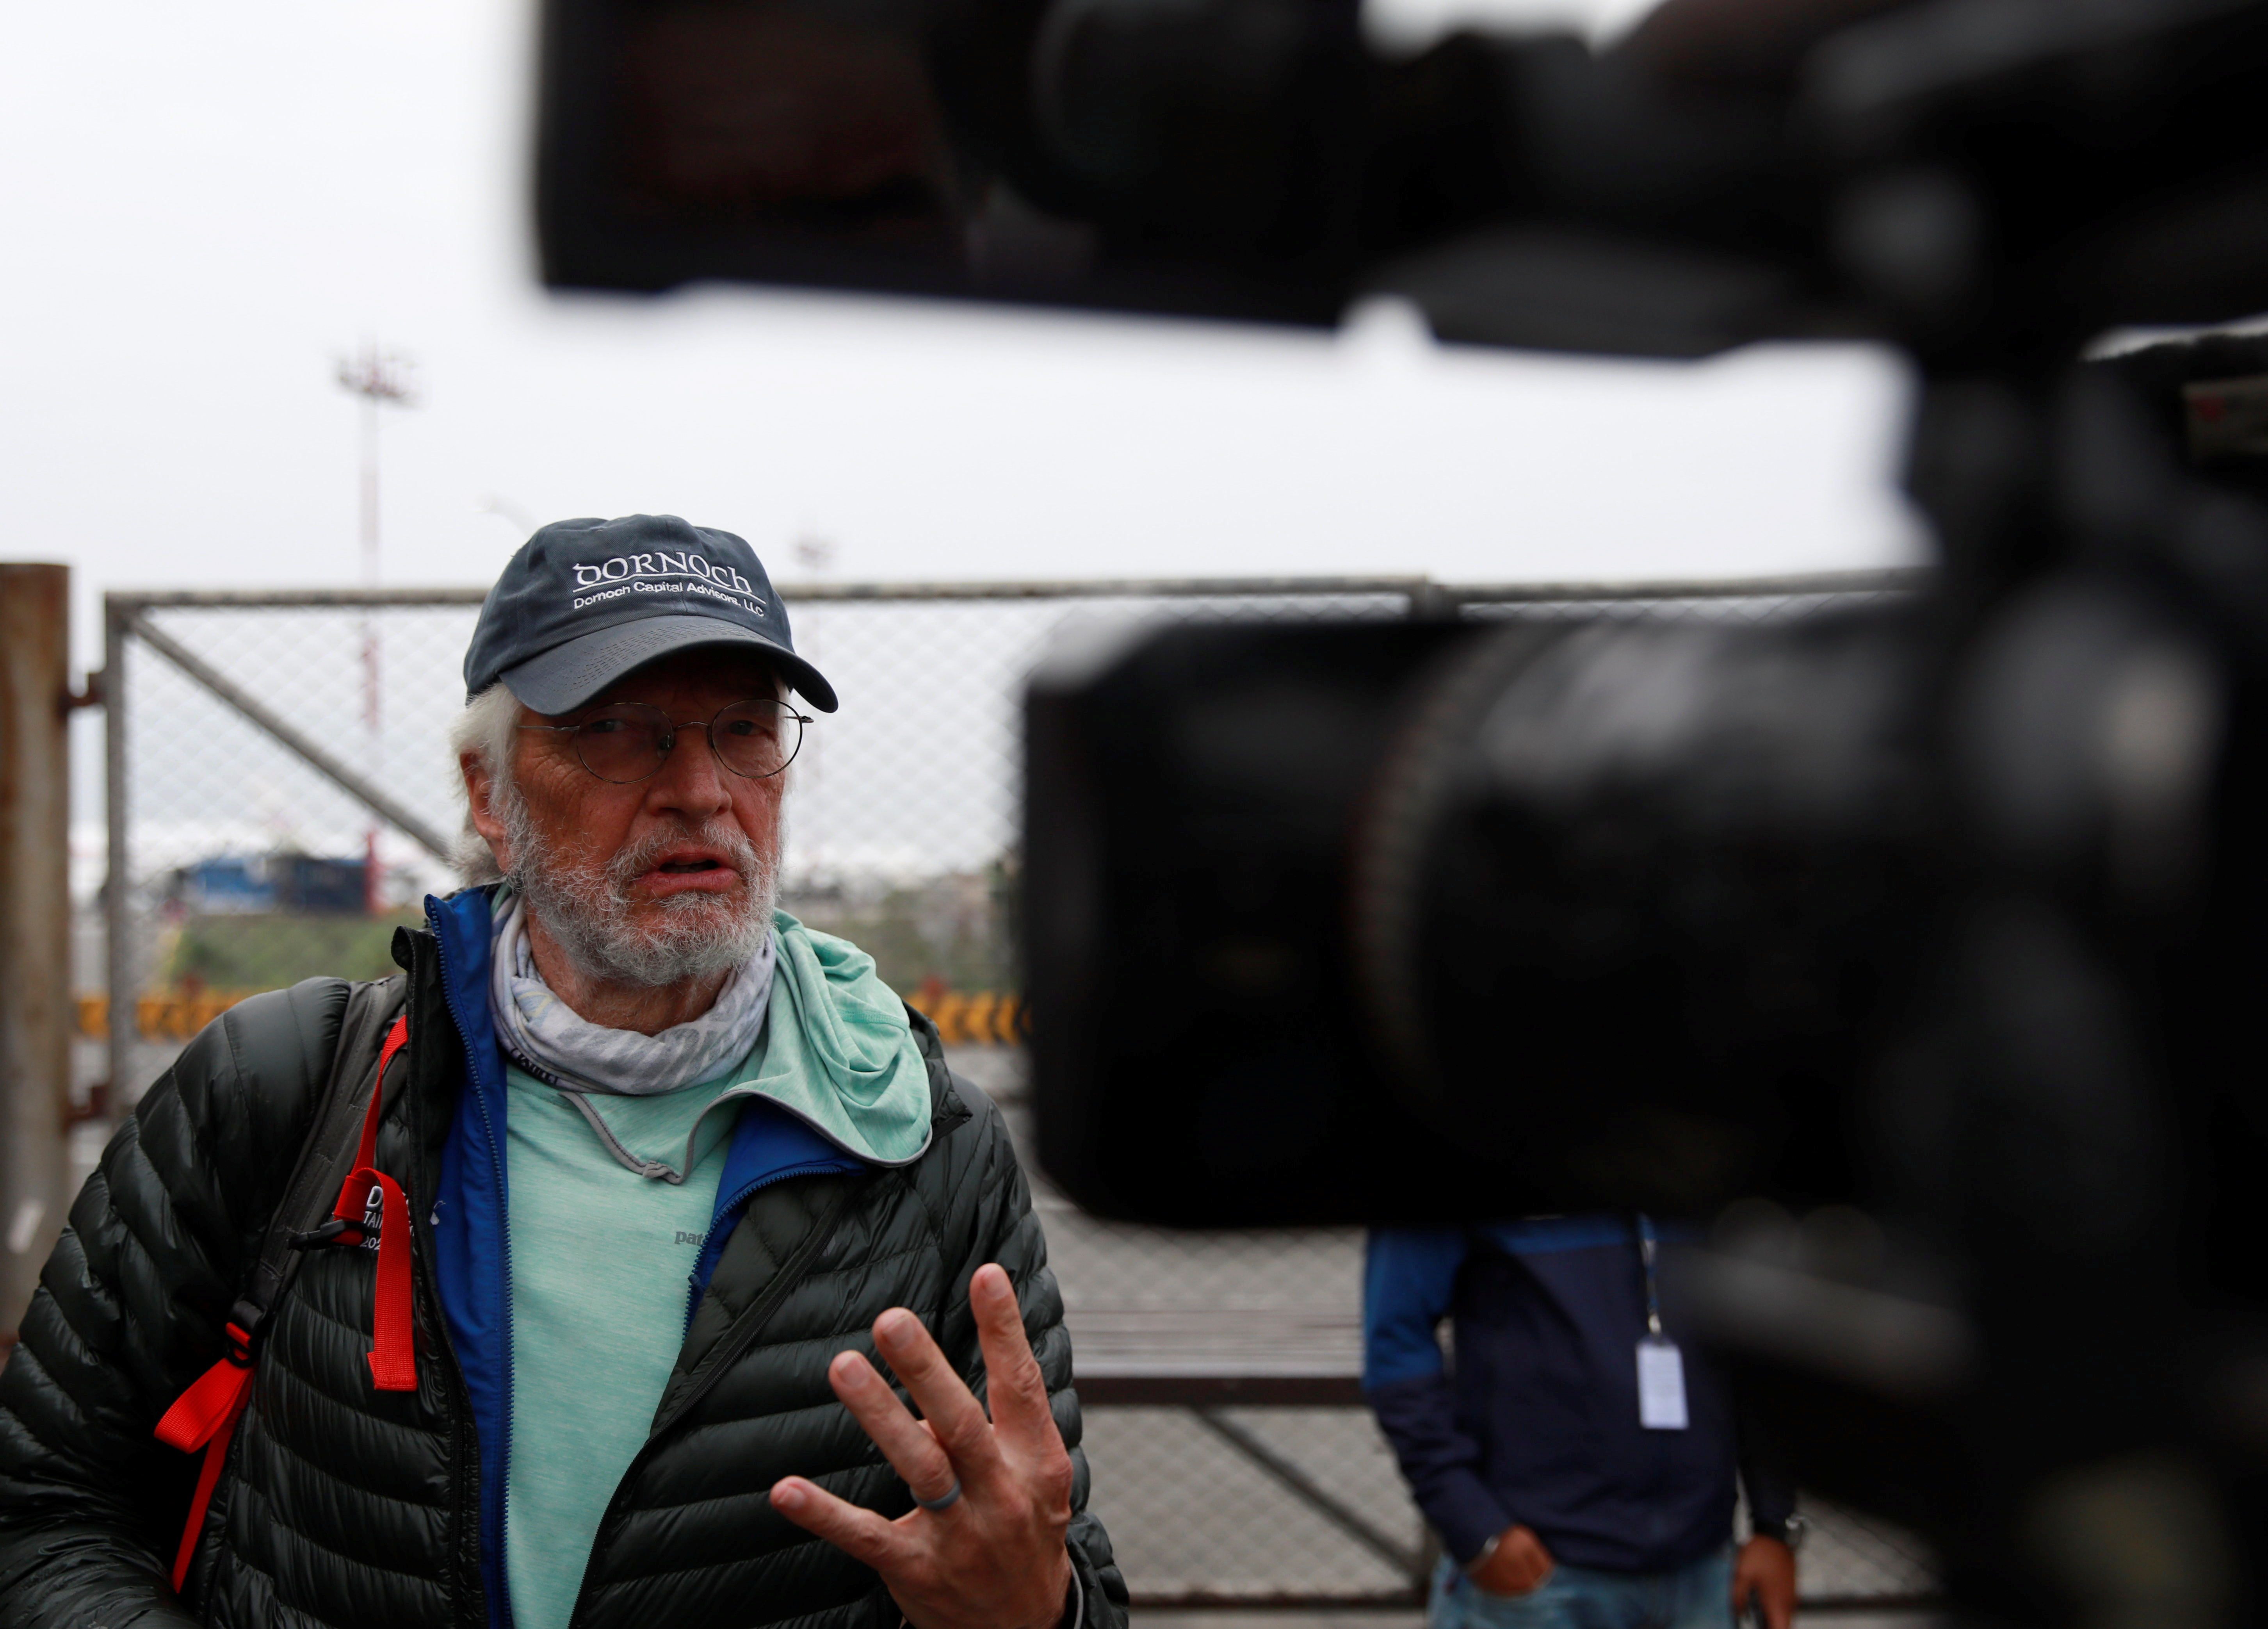 المحامي المتقاعد آرثر موير (75 عاما) من شيكاغو أصبح أكبر أميركي يتسلق جبل إيفرست